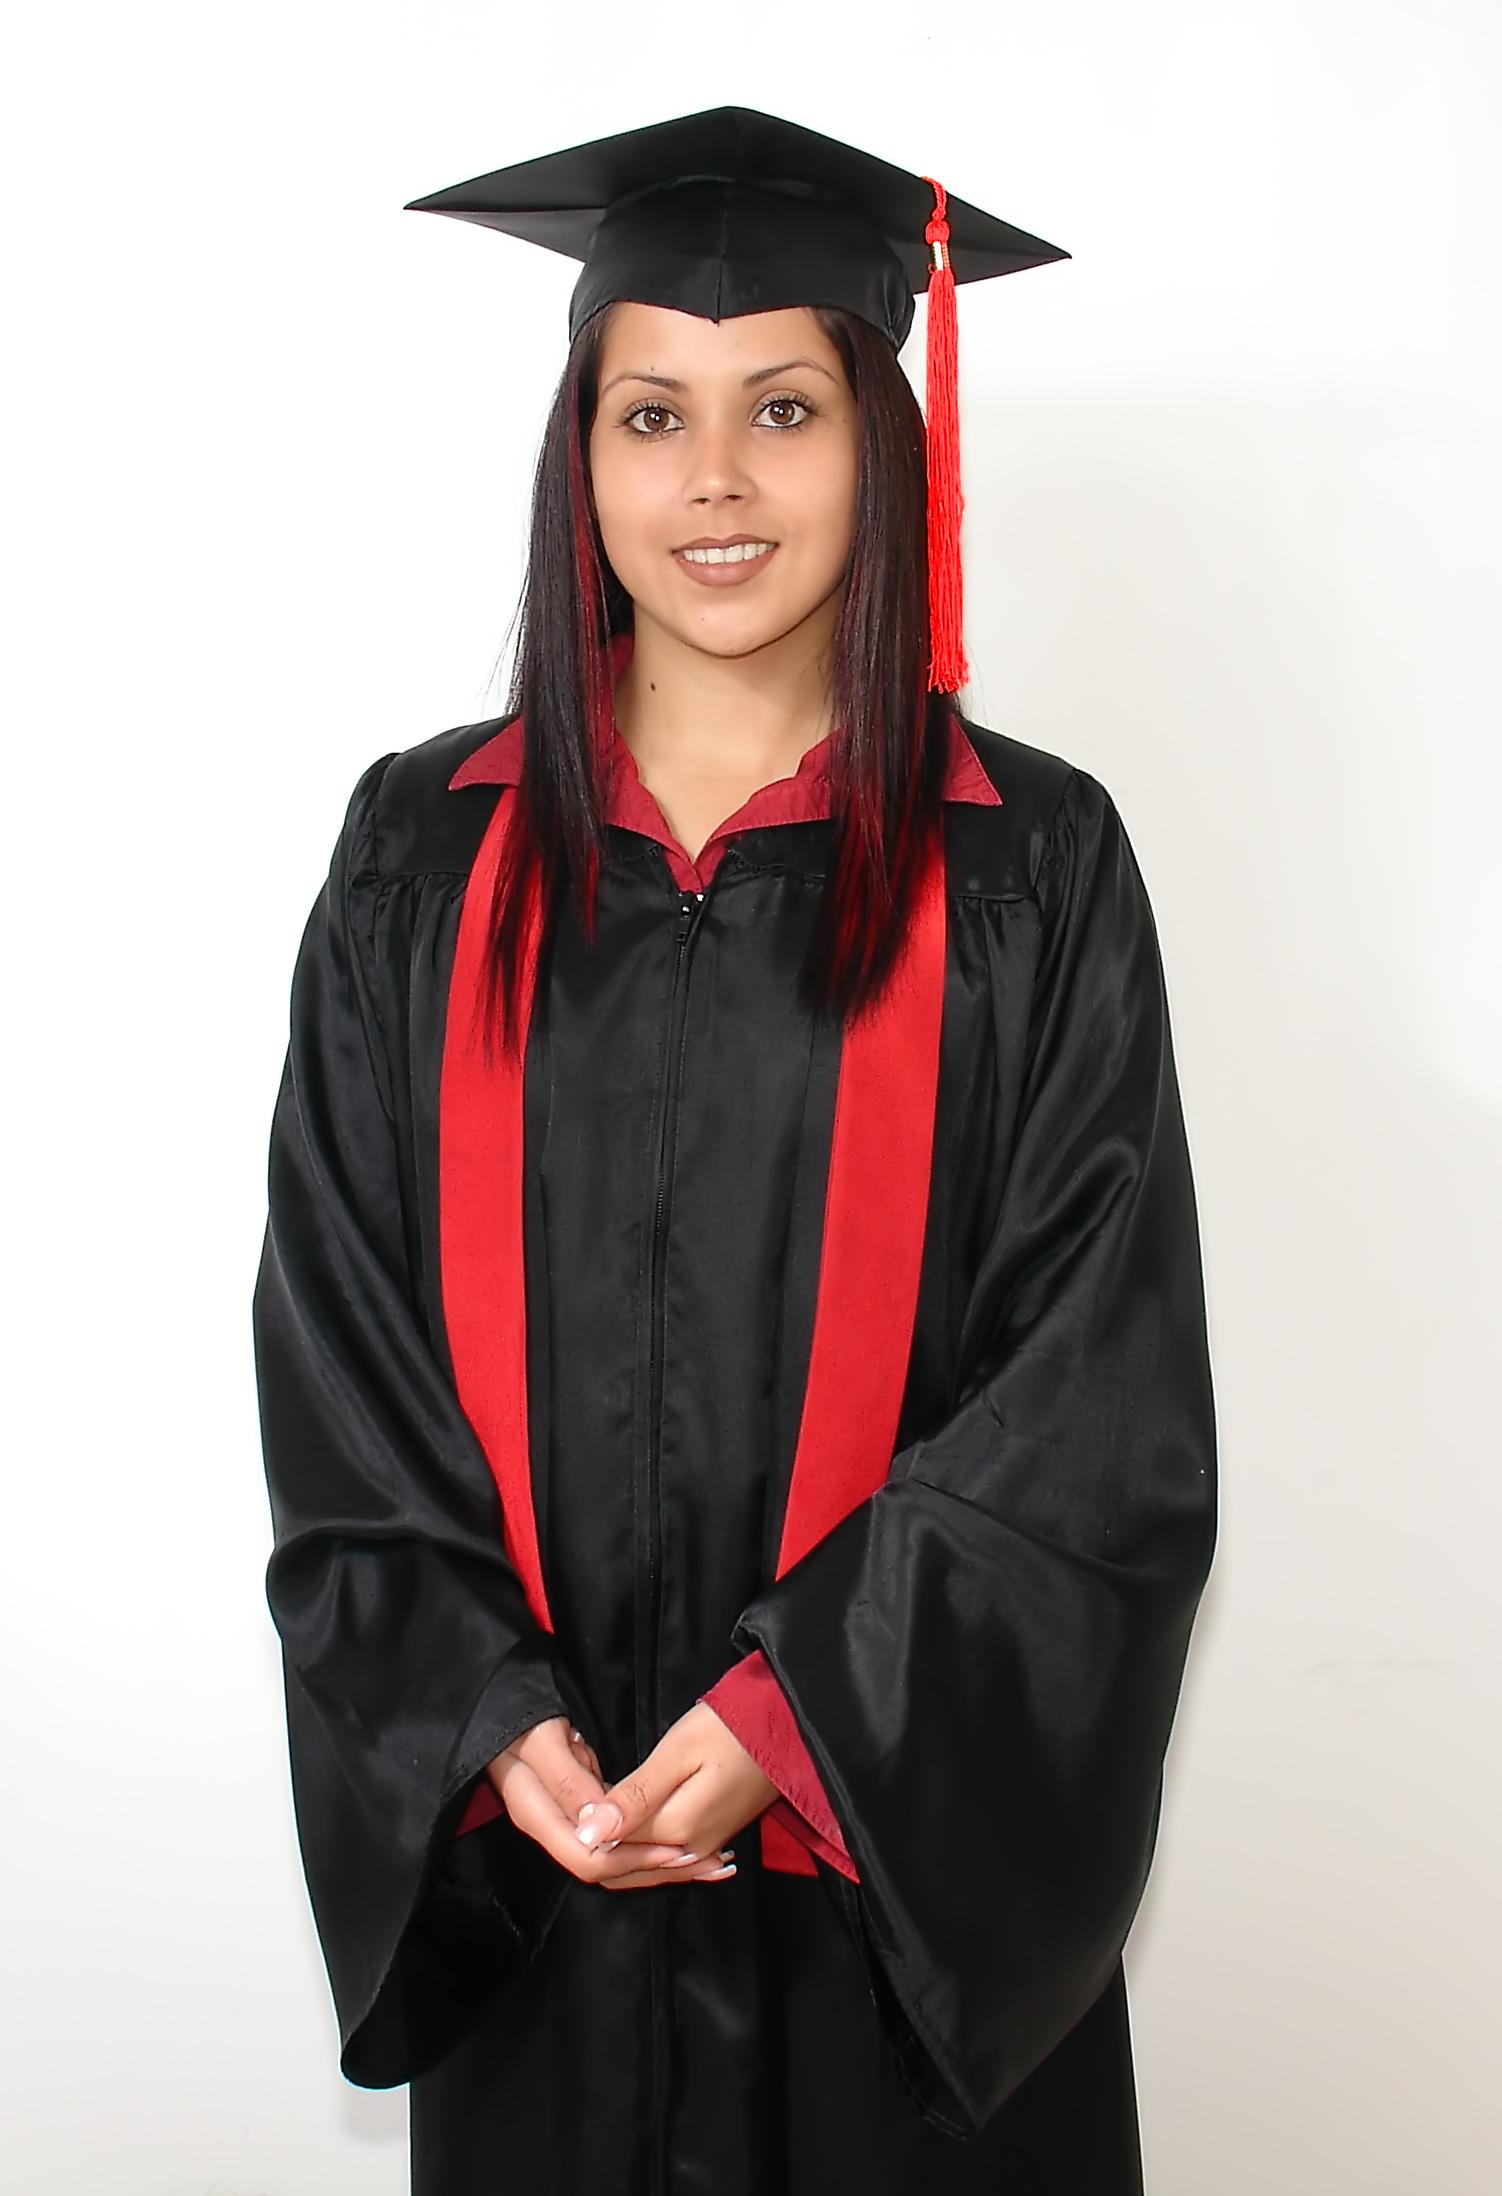 ¿Sabes Como Nacio la Tradicion de Usar Togas en la Graduacion?